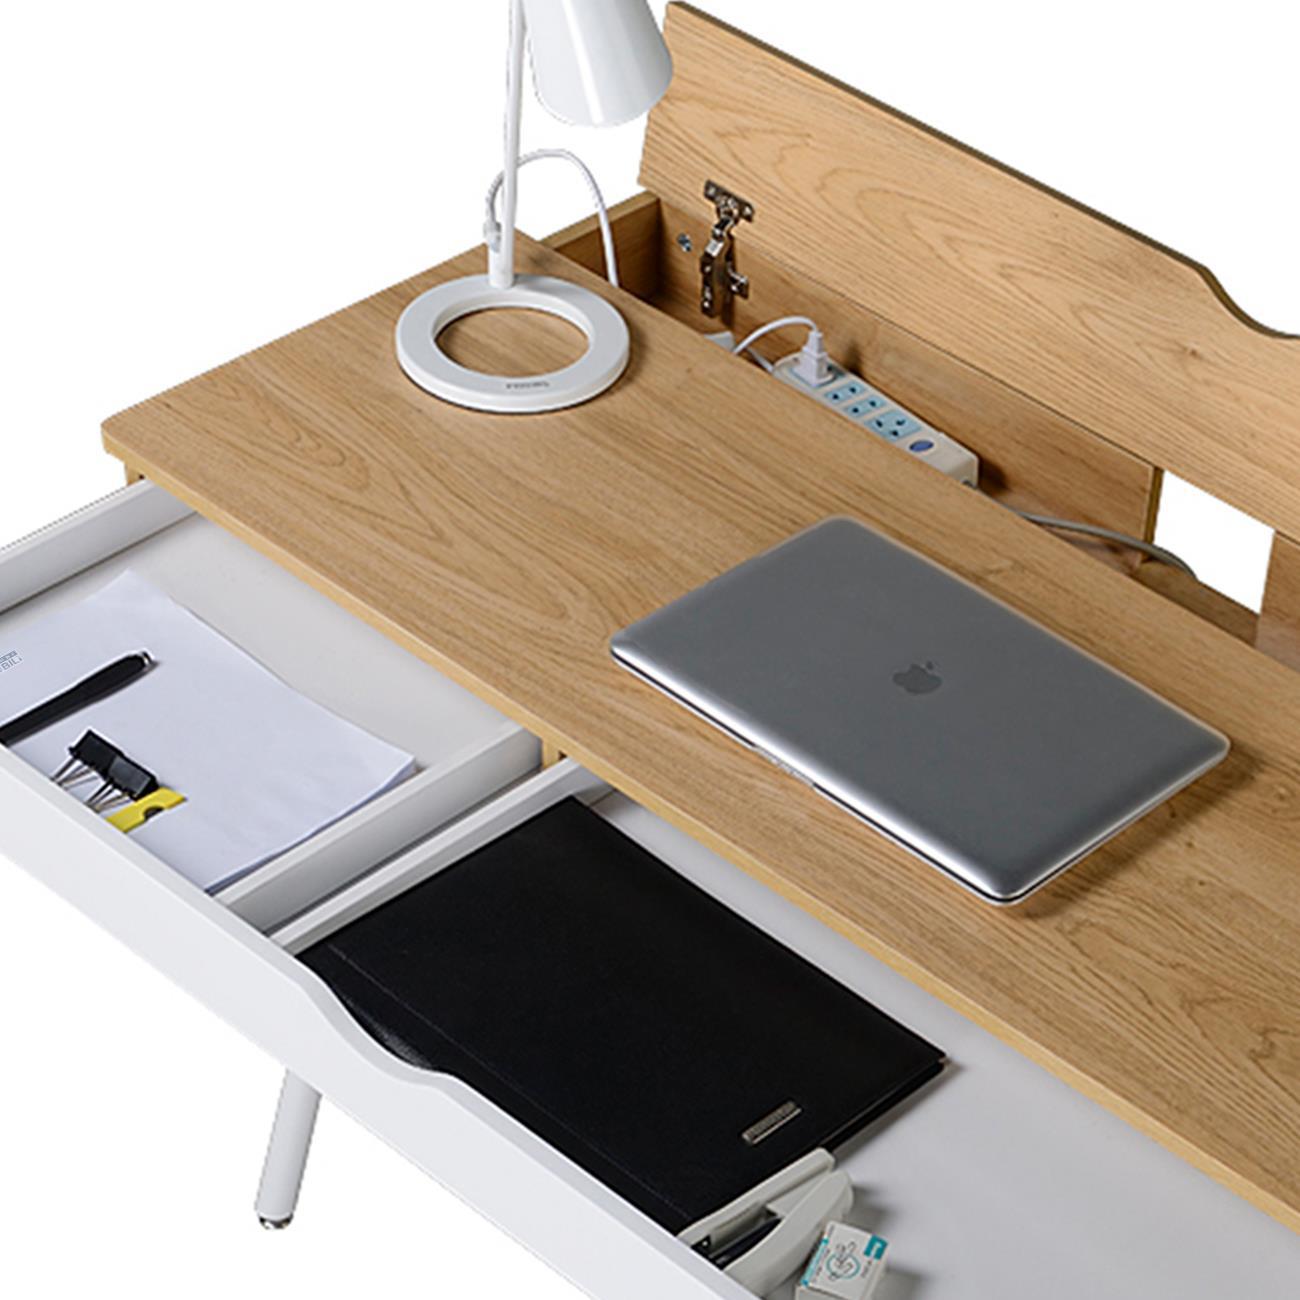 Techni Mobili Modern Multi Storage Computer Desk With